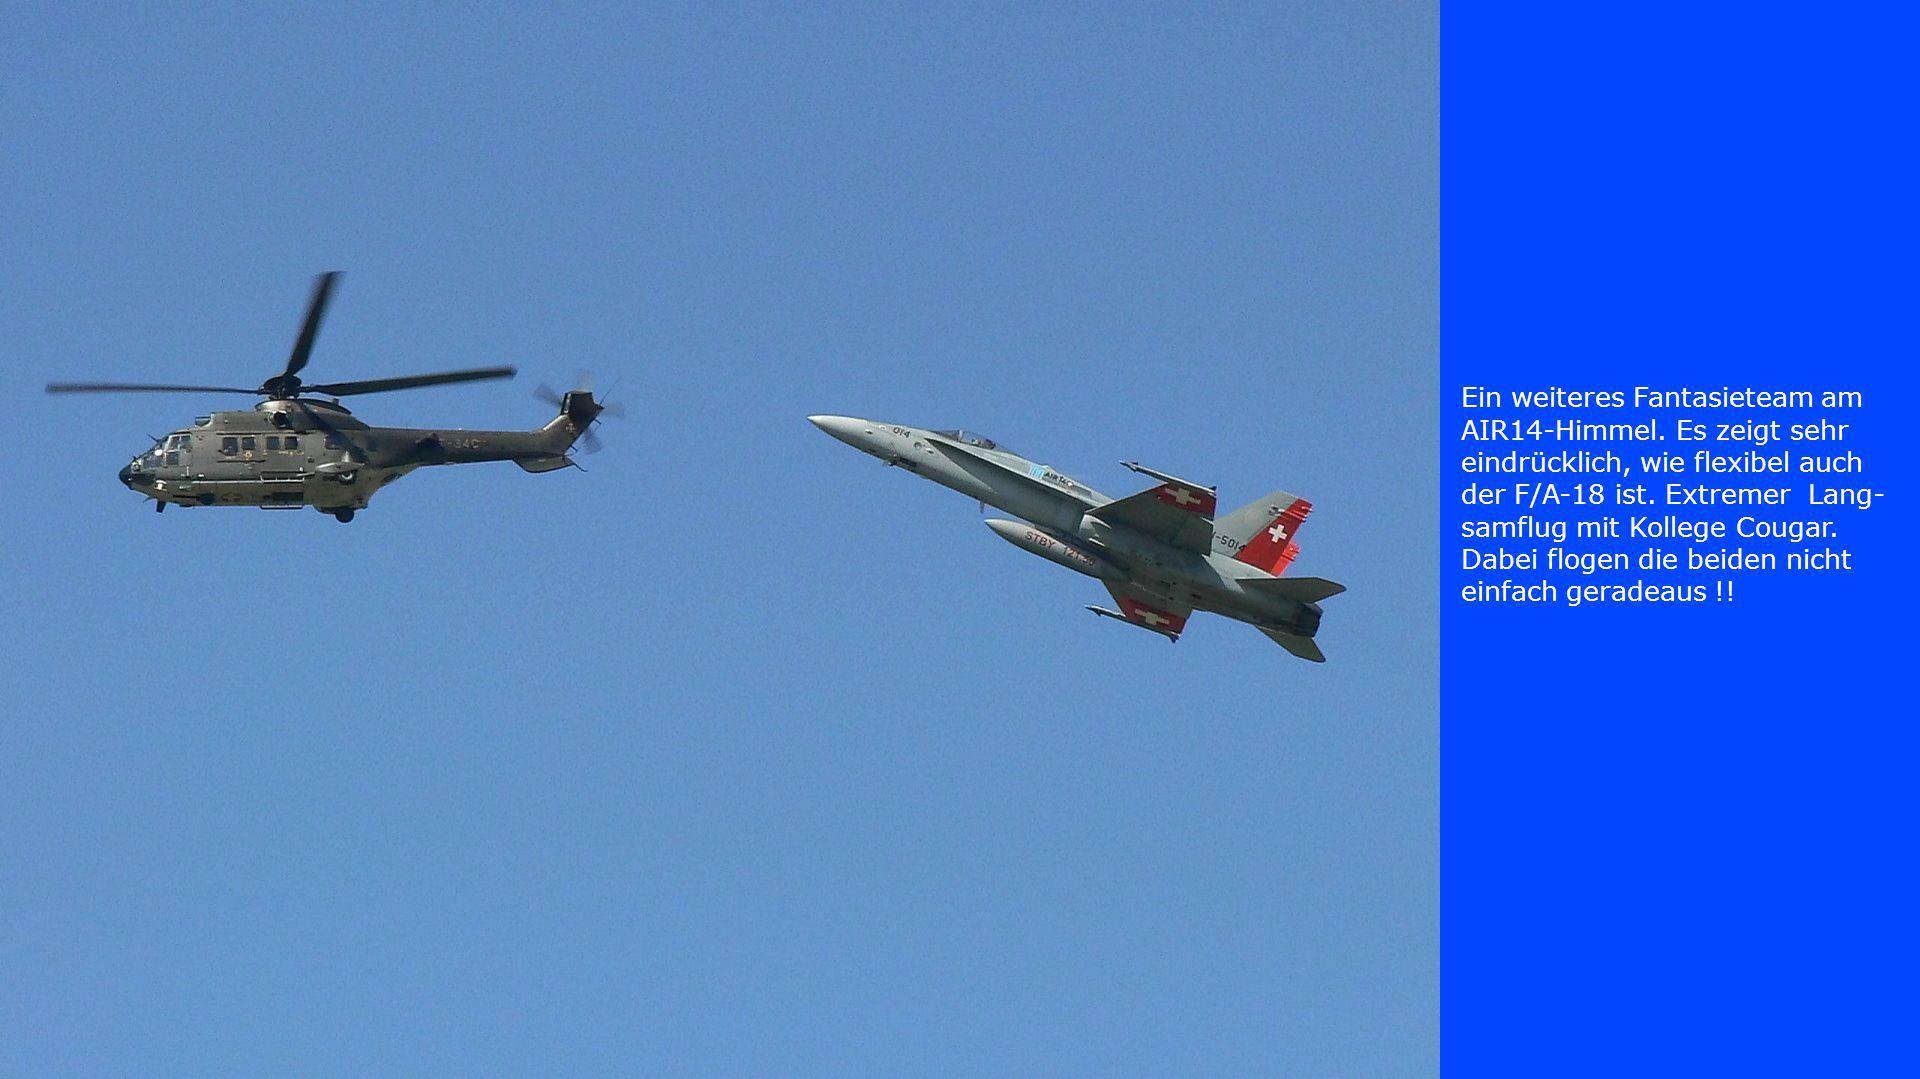 Ein weiteres Fantasieteam am AIR14-Himmel. Es zeigt sehr eindrücklich, wie flexibel auch der F/A-18 ist. Extremer Lang- samflug mit Kollege Cougar. Da